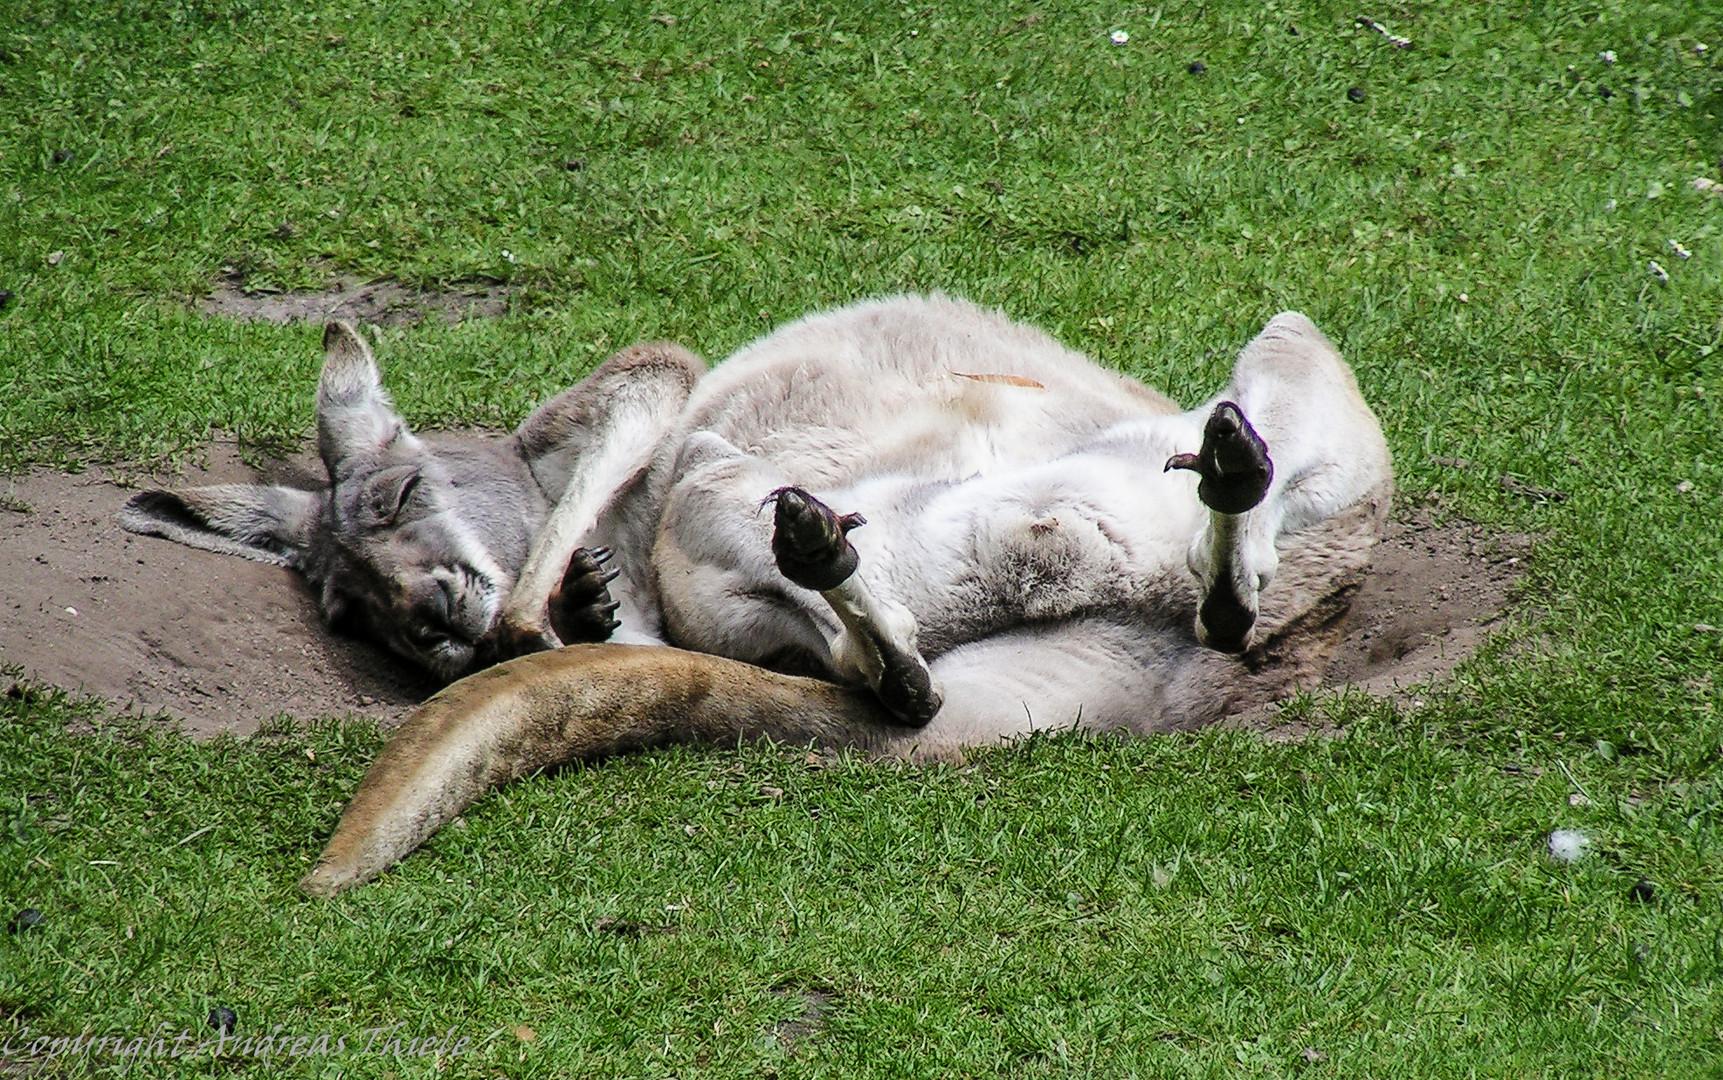 Einfach mal zum Wochenende relaxen!